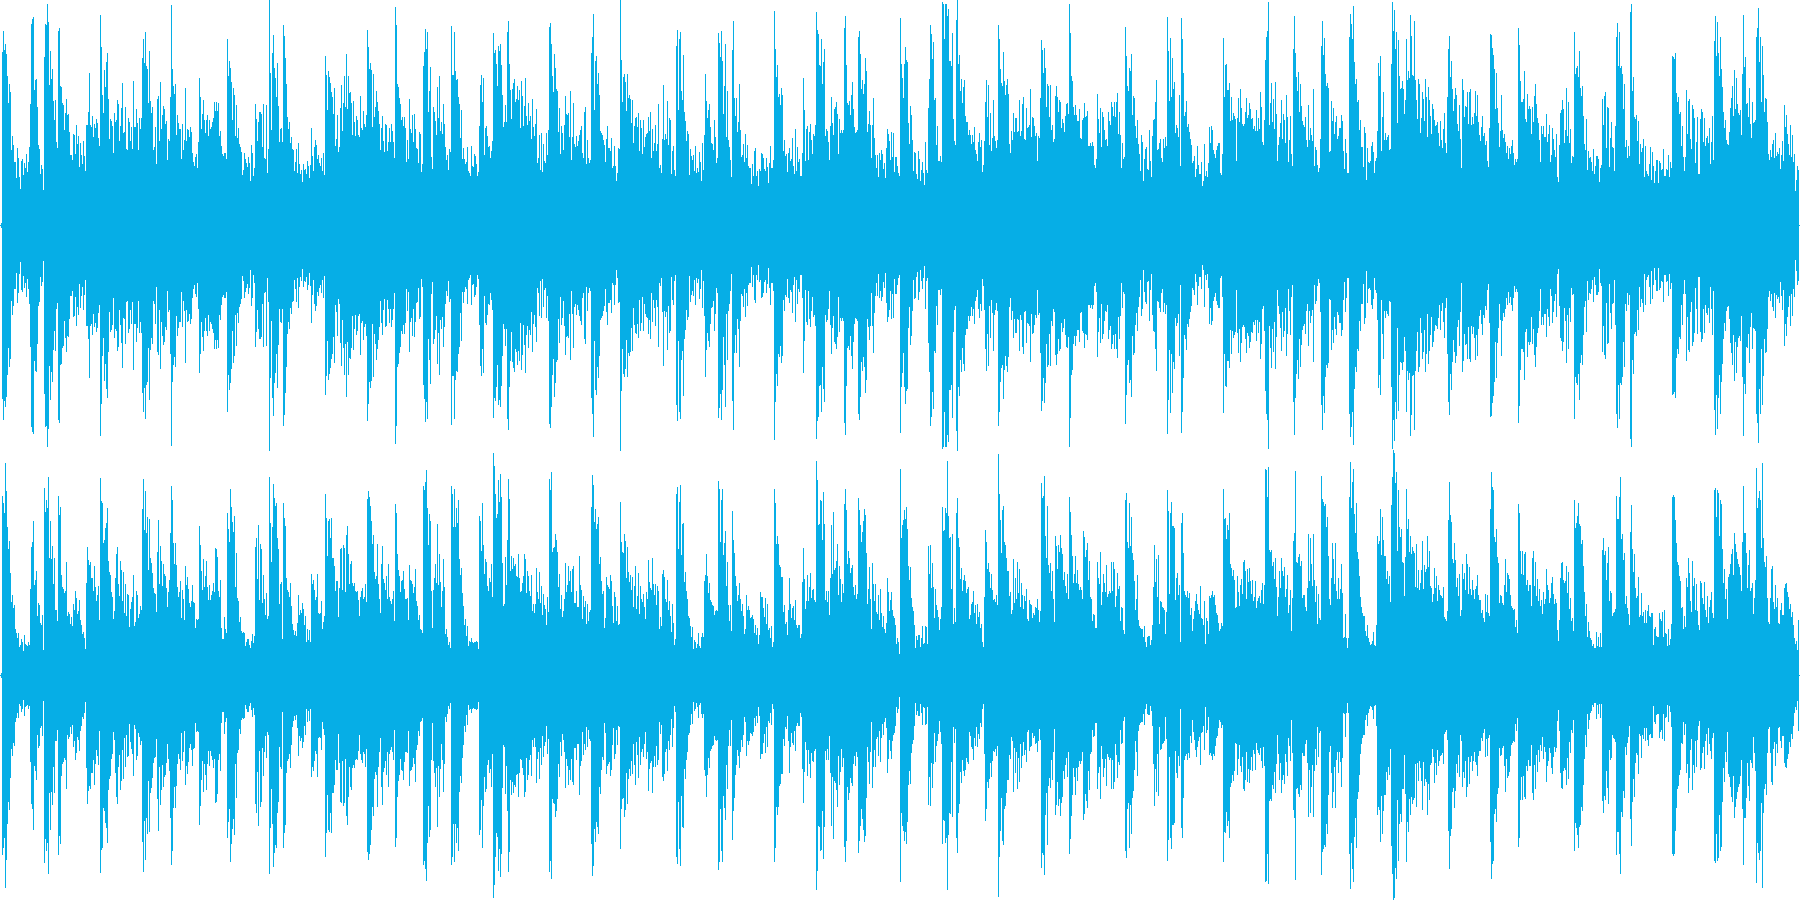 空間的な音響を駆使したループ楽曲です。の再生済みの波形